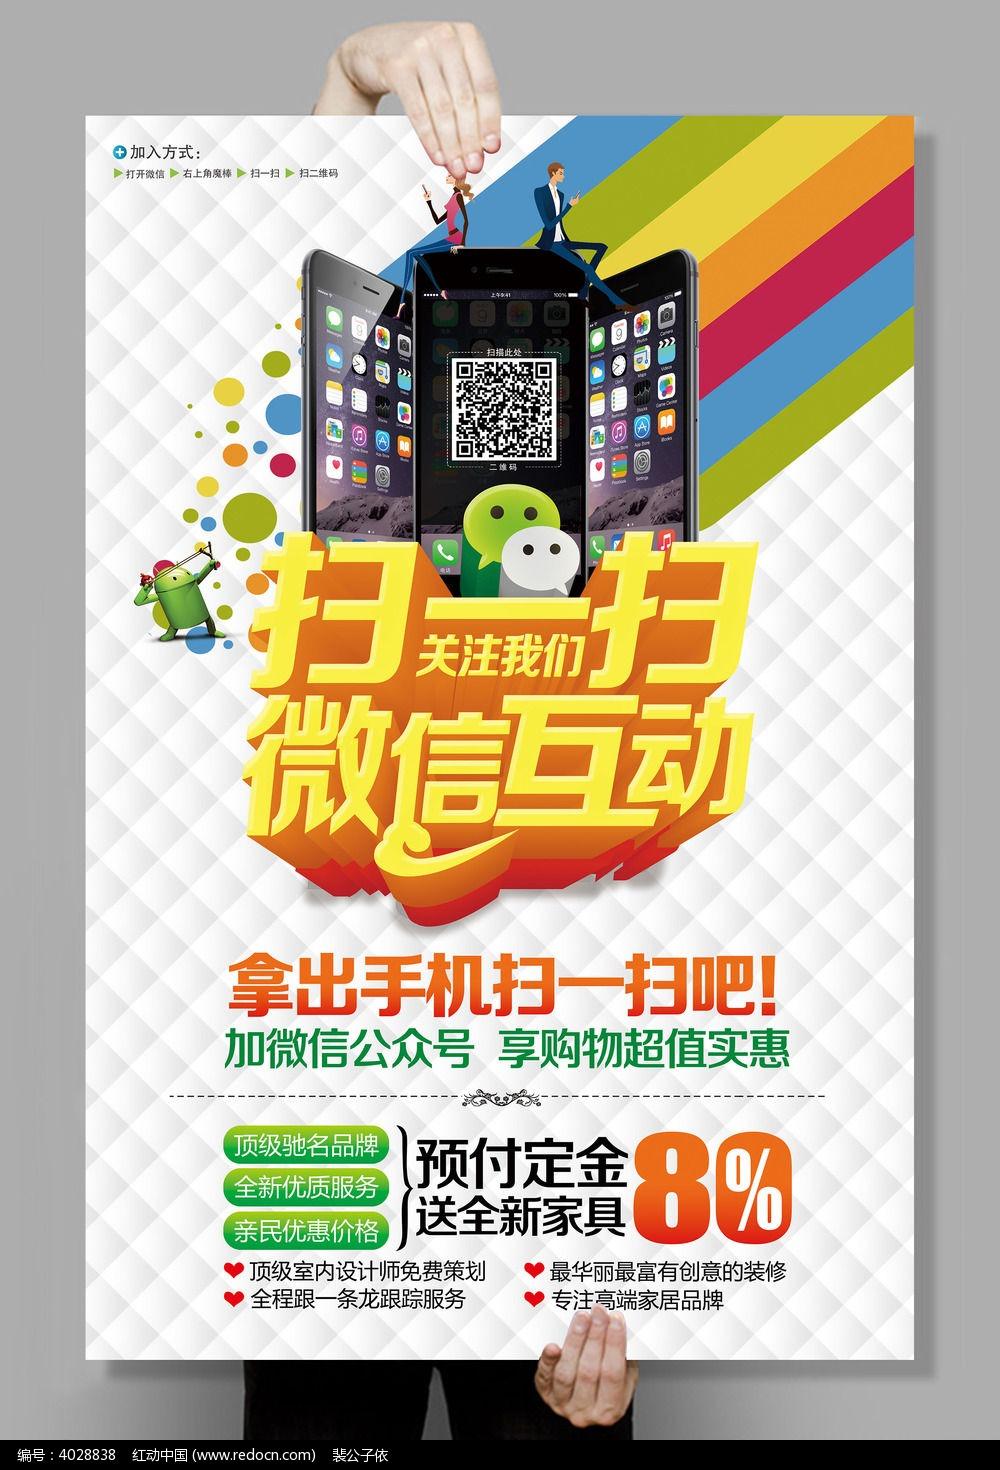 商家微信活动宣传海报设计